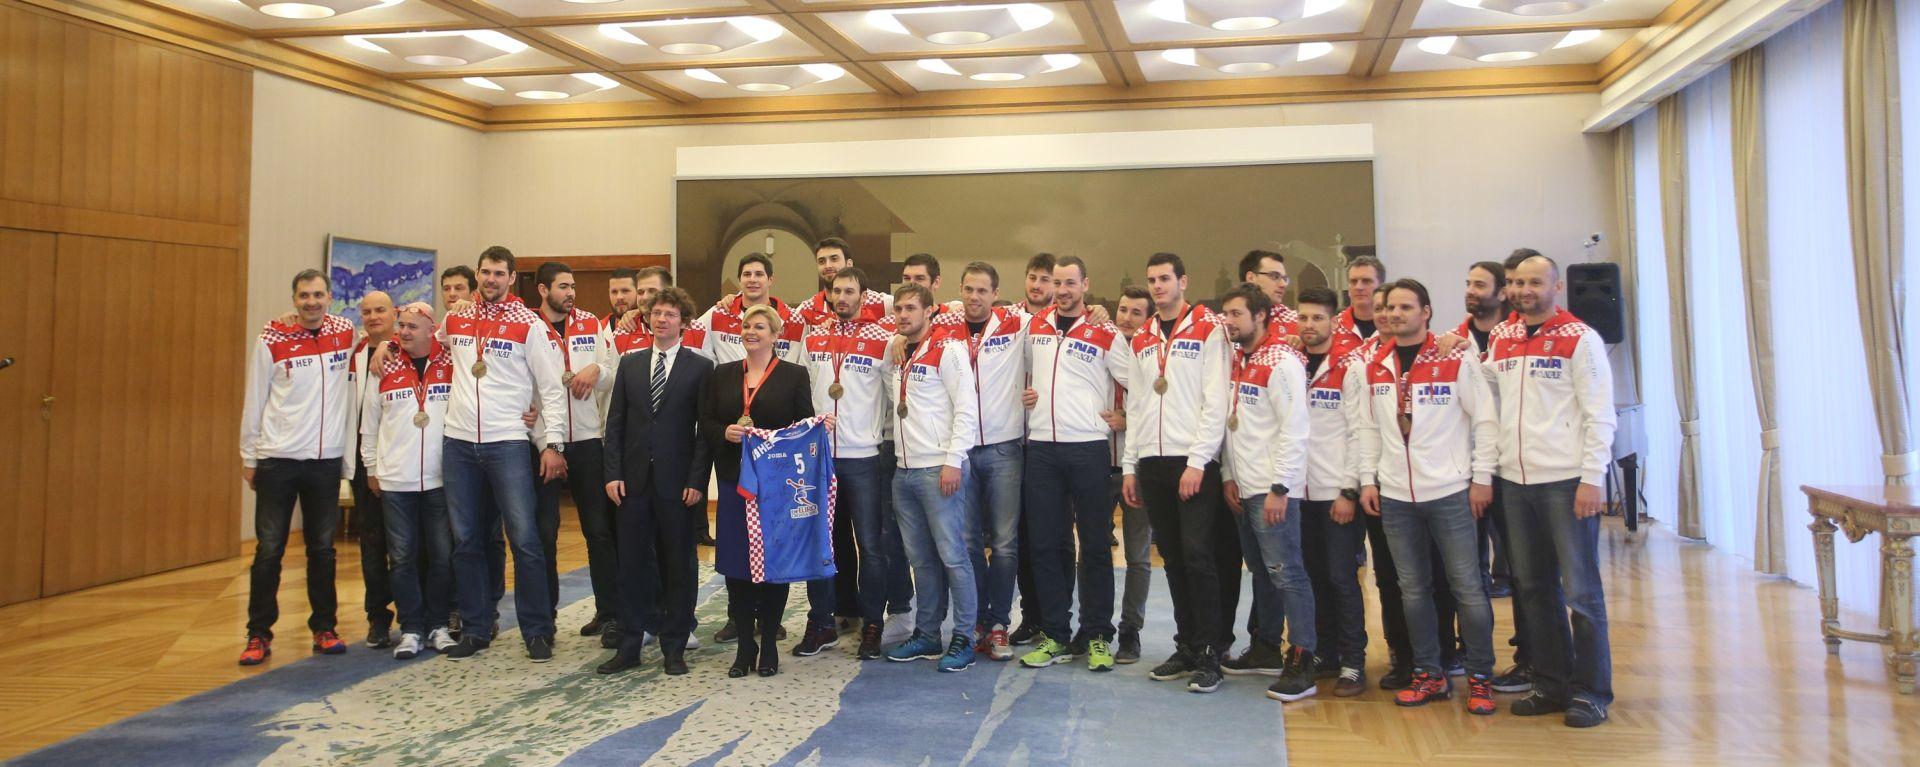 Predsjednica Grabar Kitarović primila brončane rukometaše